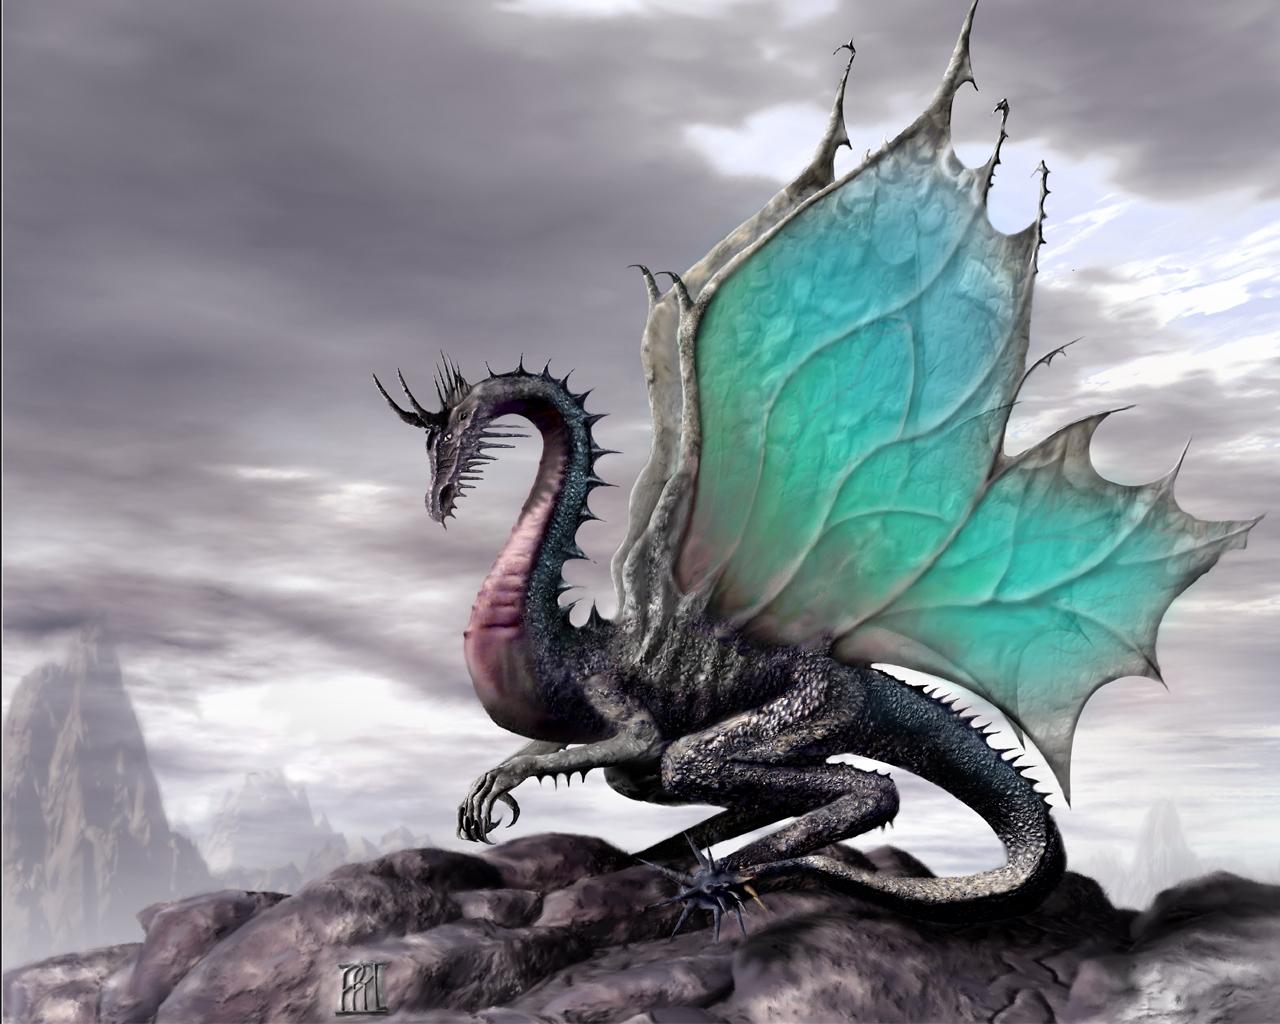 Hình ảnh Về Con Rồng Có Cánh